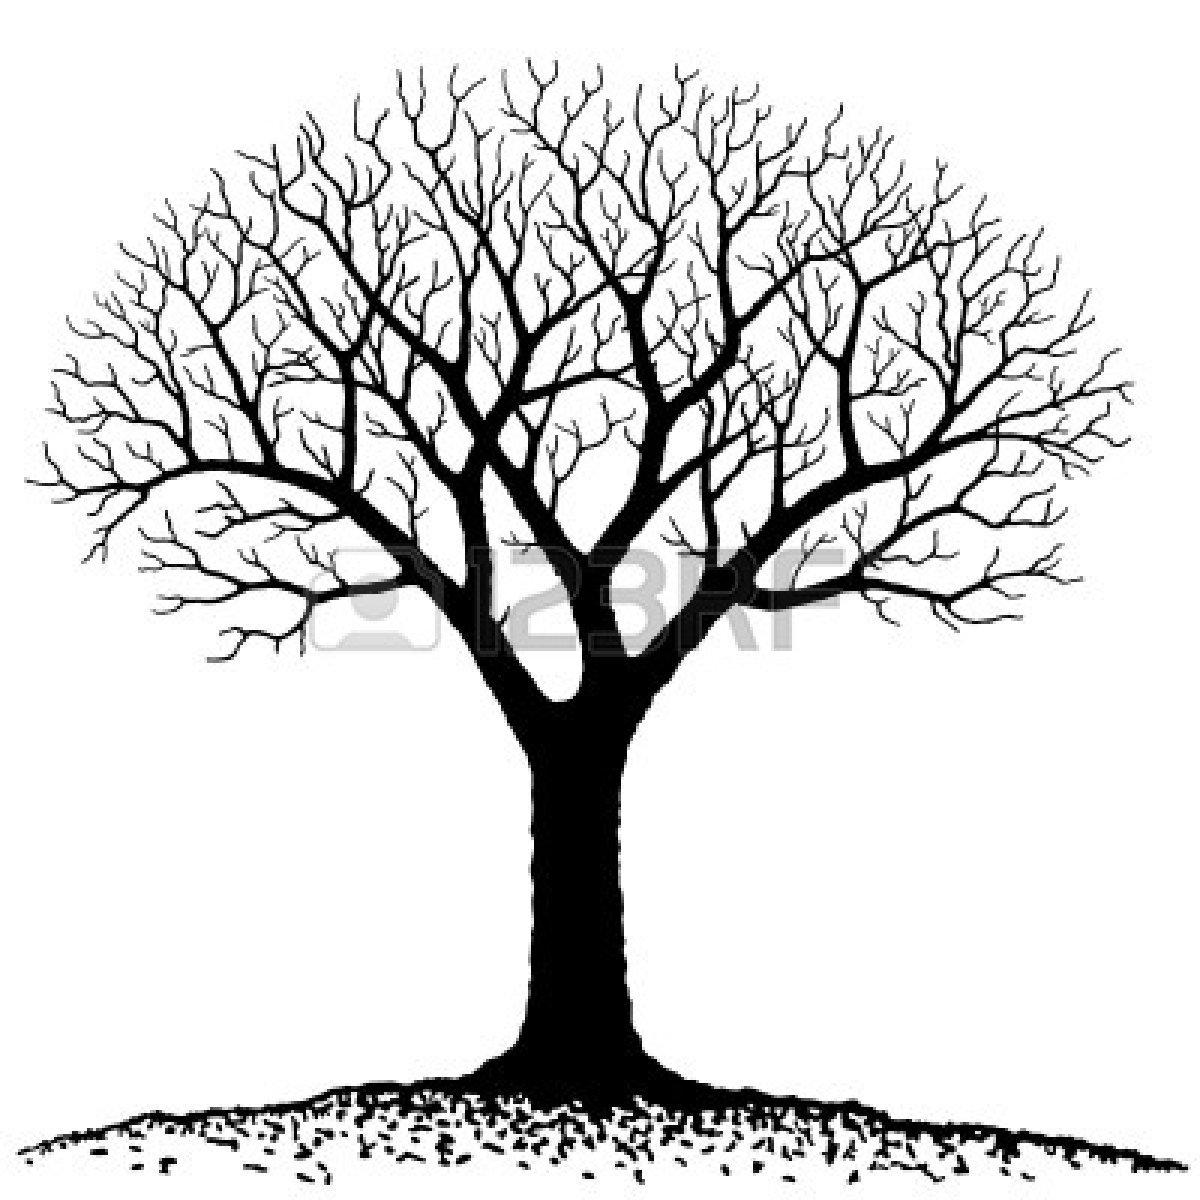 Oak Tree Branch Drawing